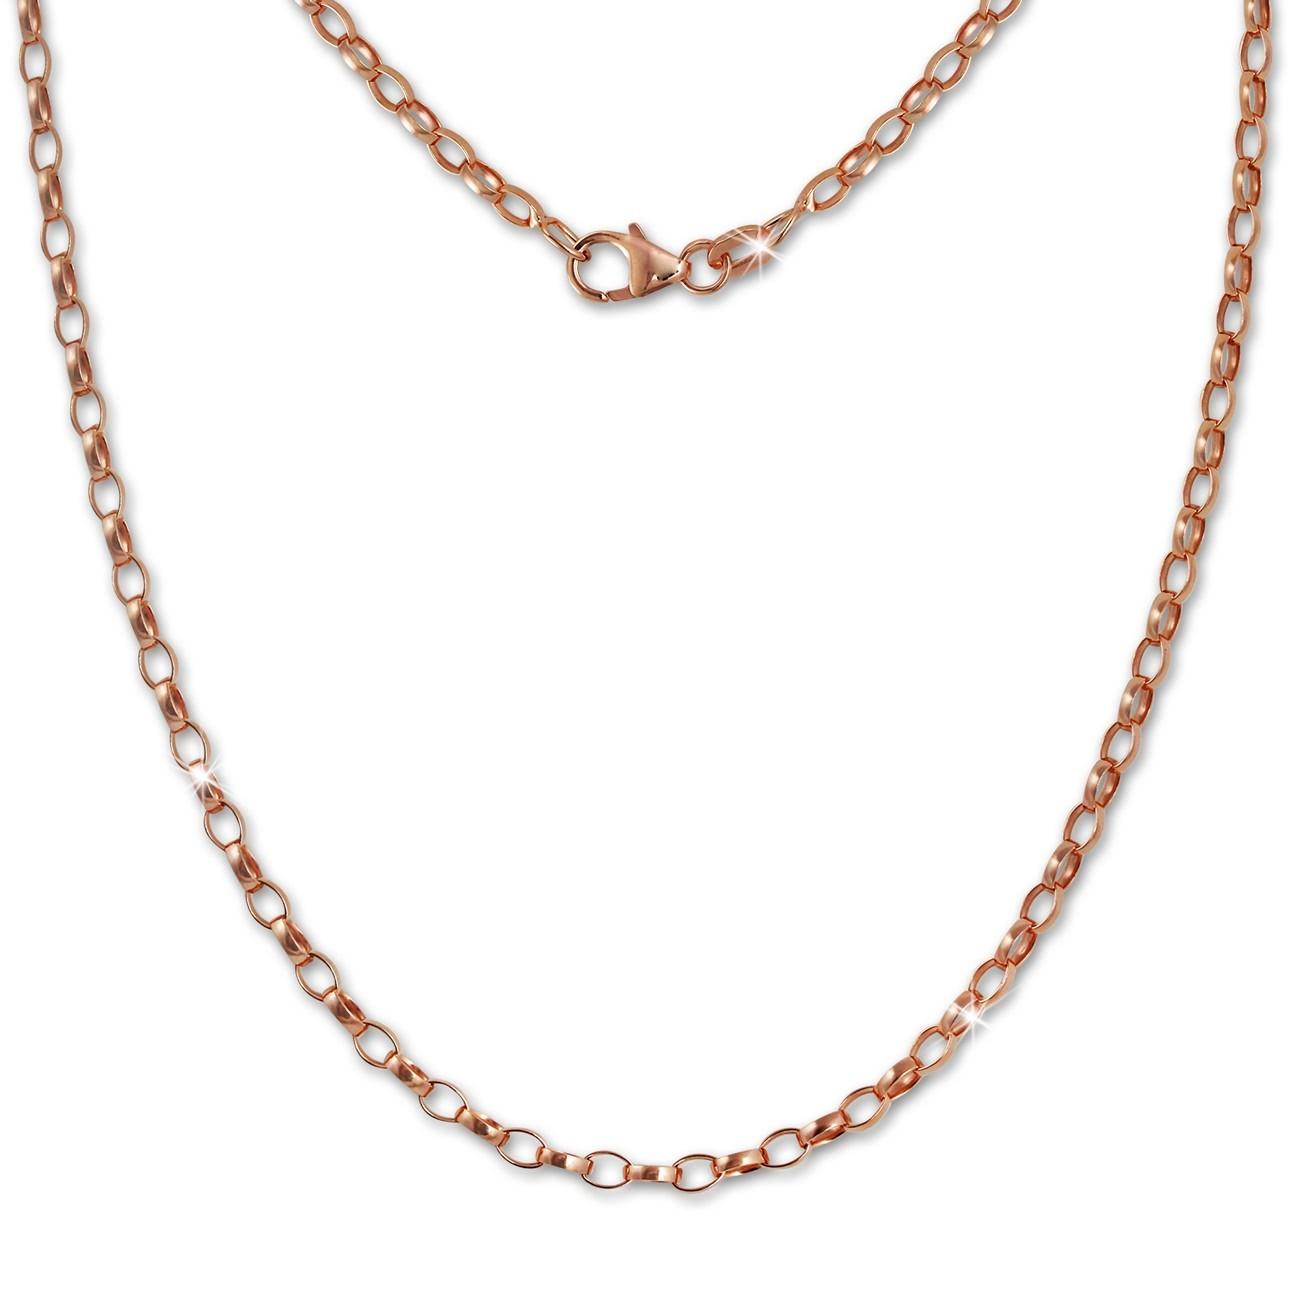 SilberDream Erbskette oval rose 925 Silber Damen Halskette 45cm Kette SDK26045E